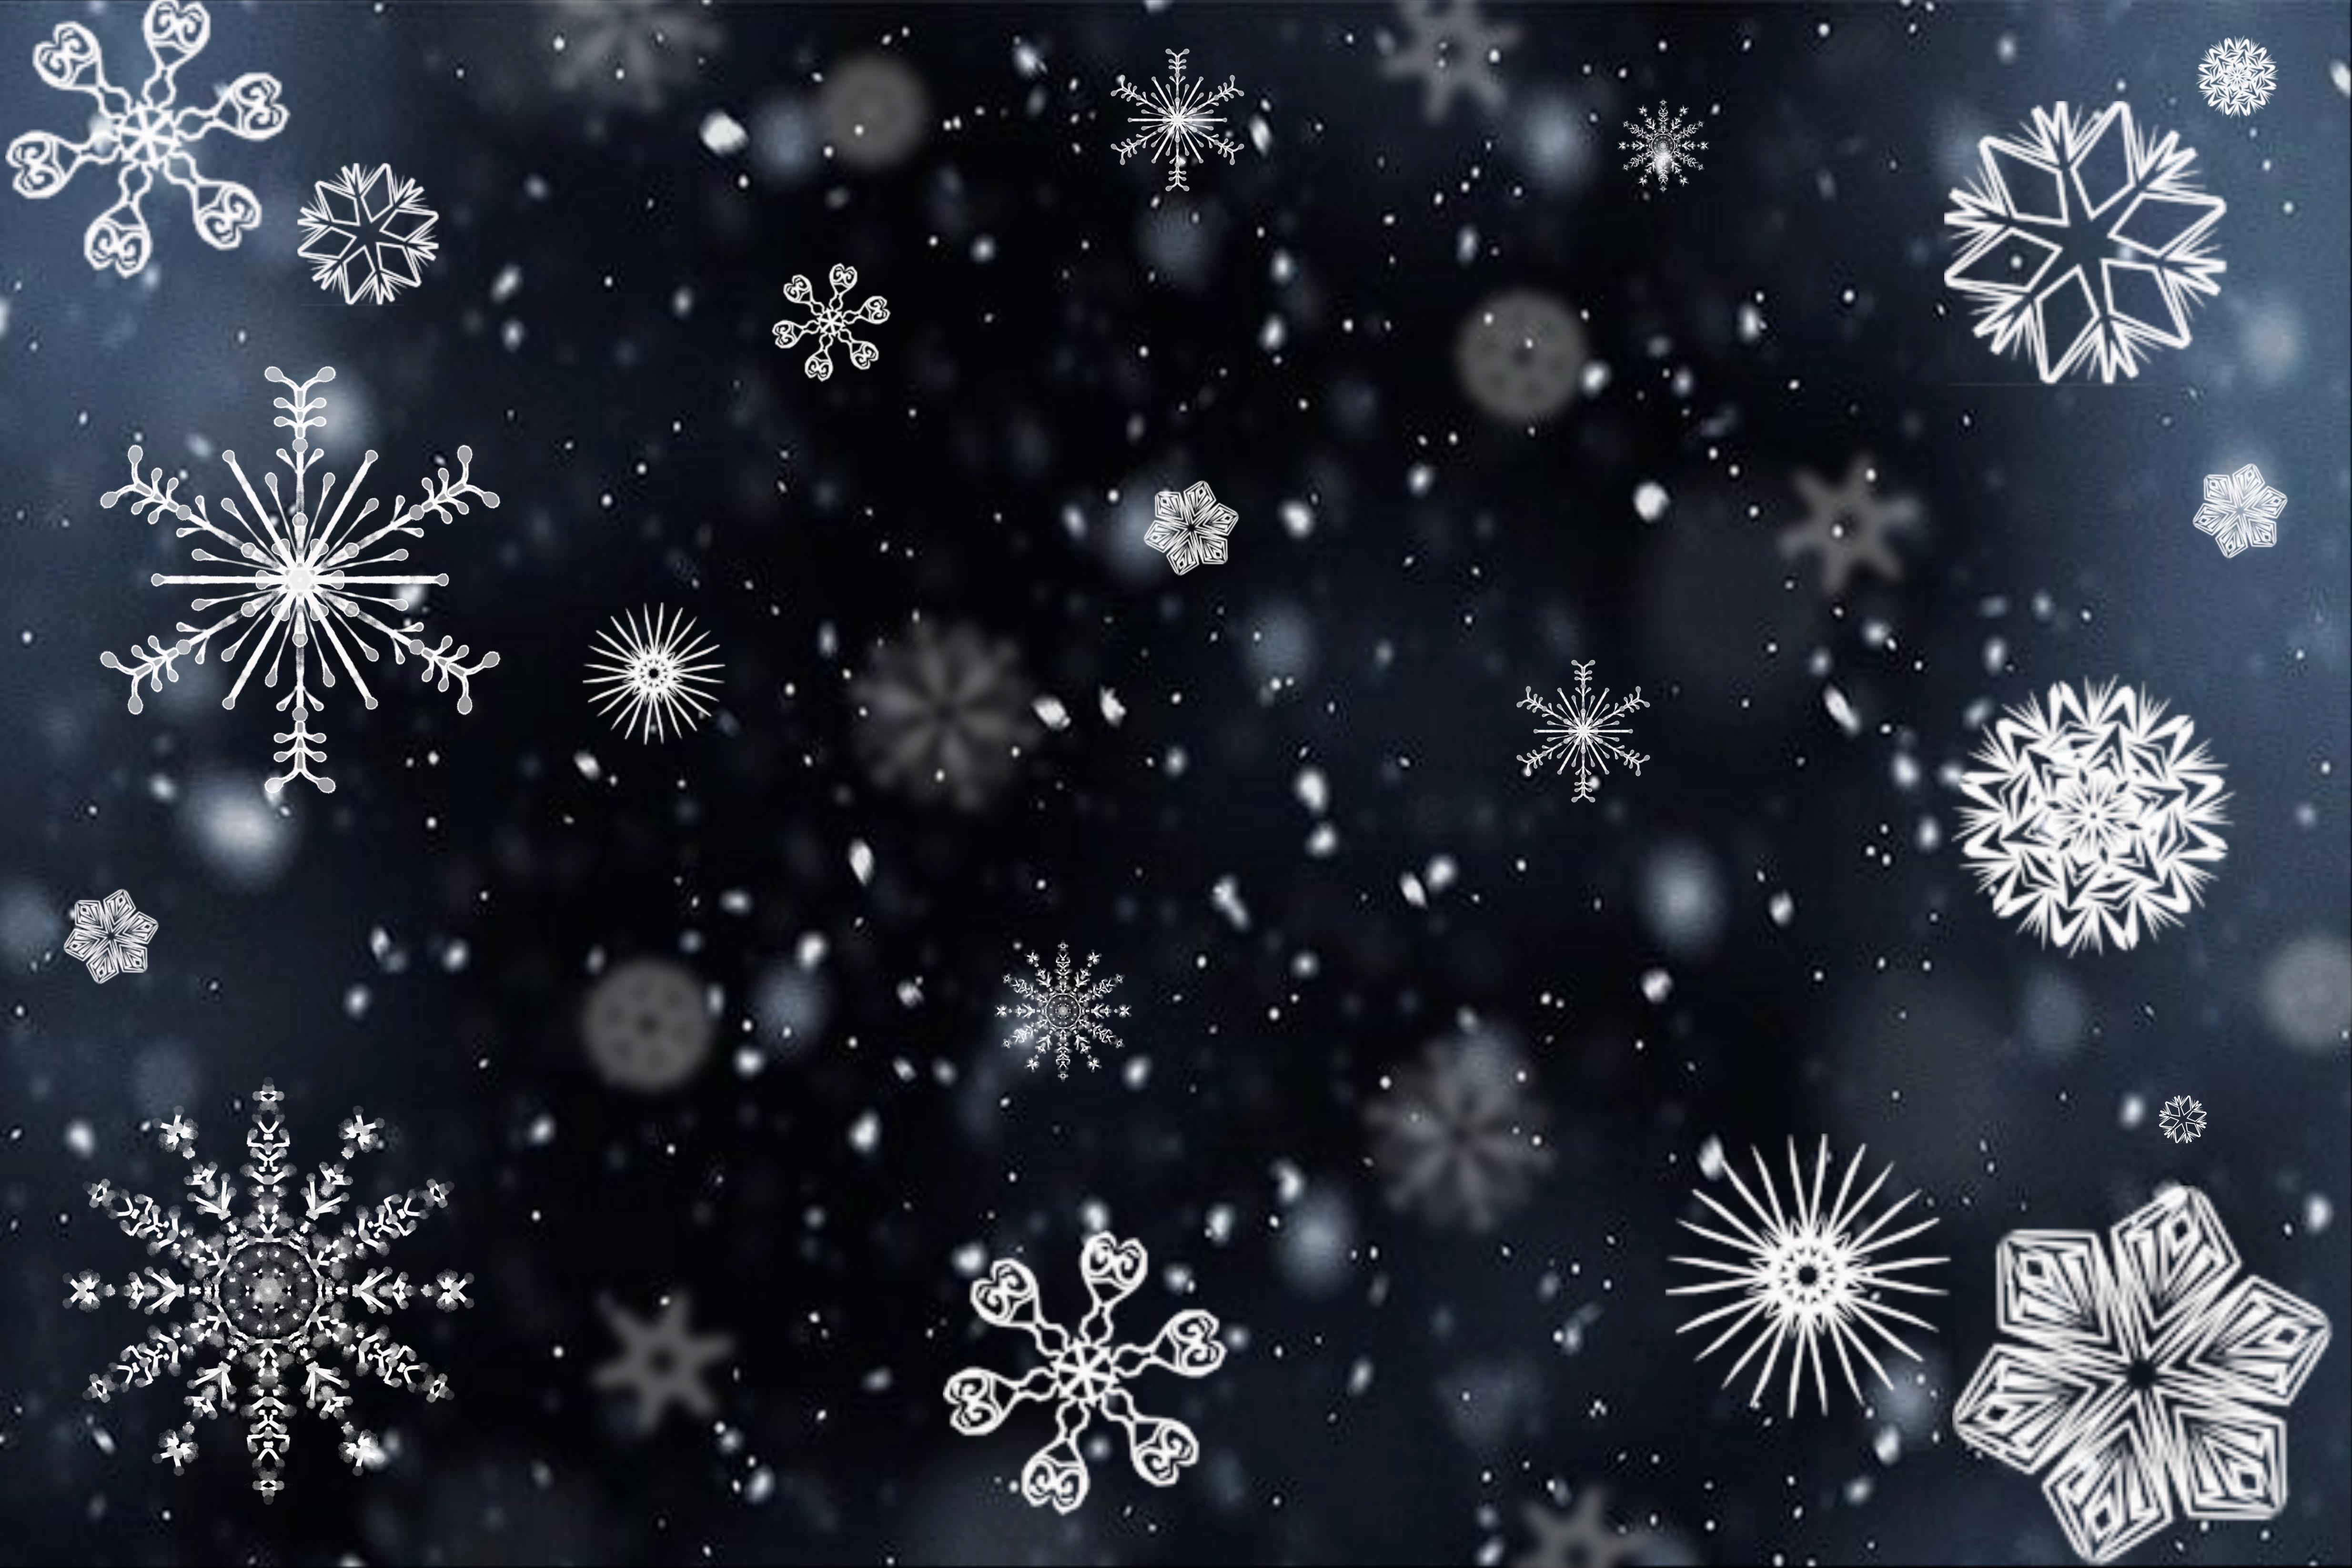 139953 Заставки и Обои Праздники на телефон. Скачать Праздники, Снежинки, Текстура, Зима, Узоры картинки бесплатно